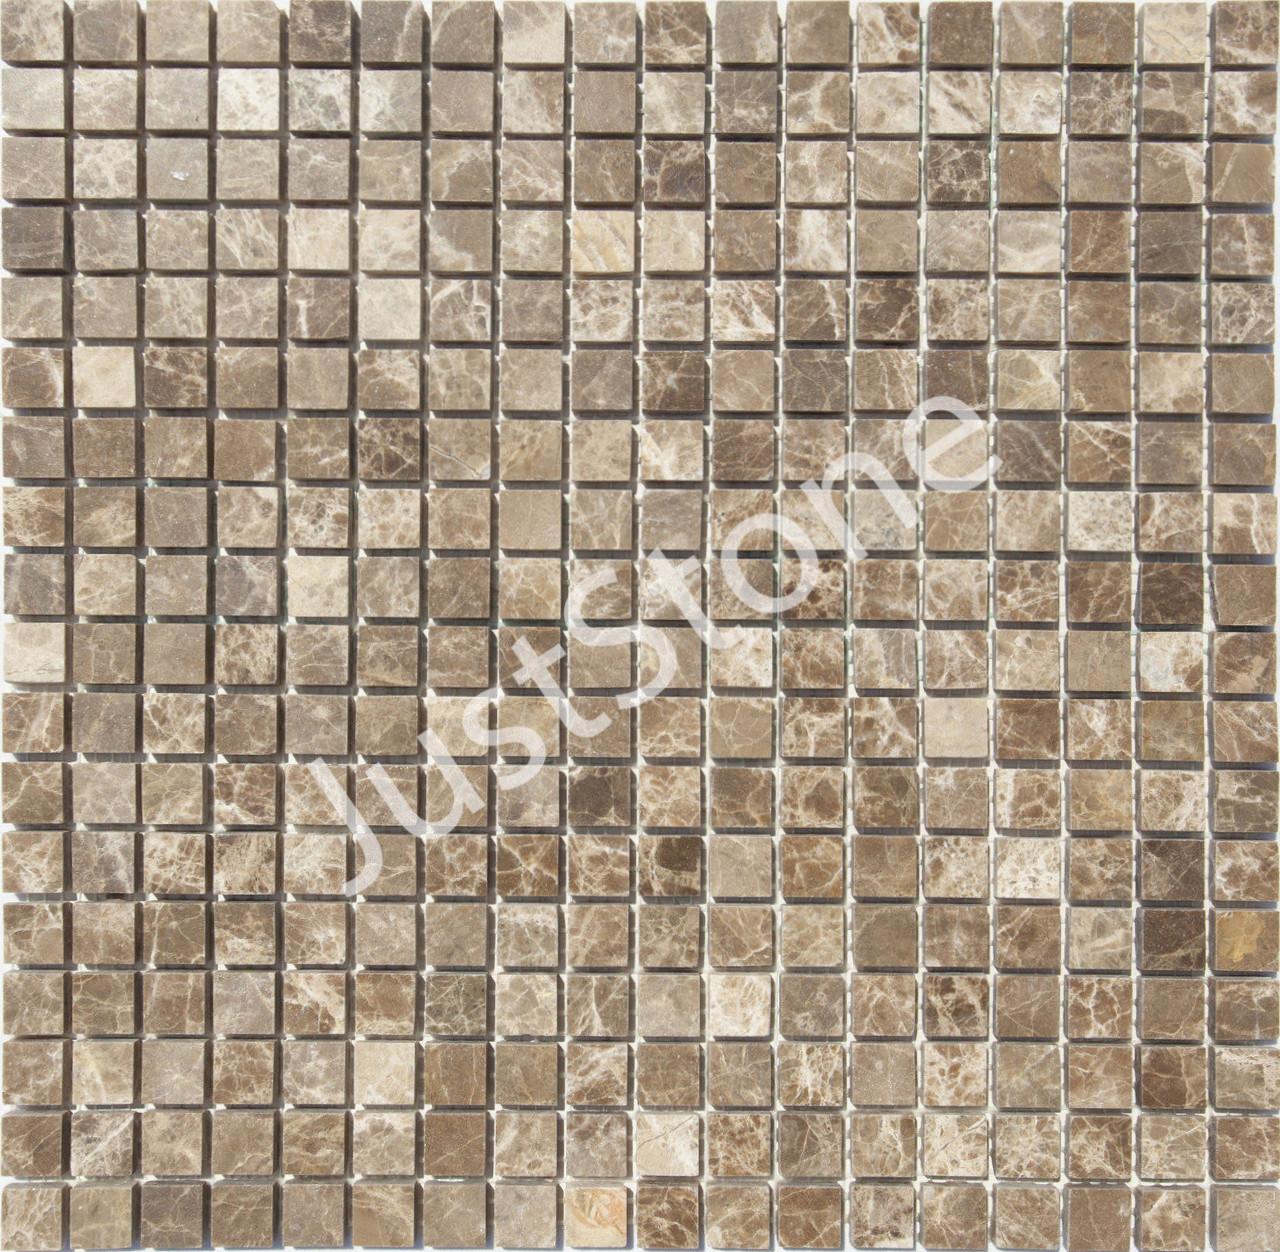 Мраморная Мозаика Полированная МКР-4П (15x15) 6 мм Emperador Dark TR